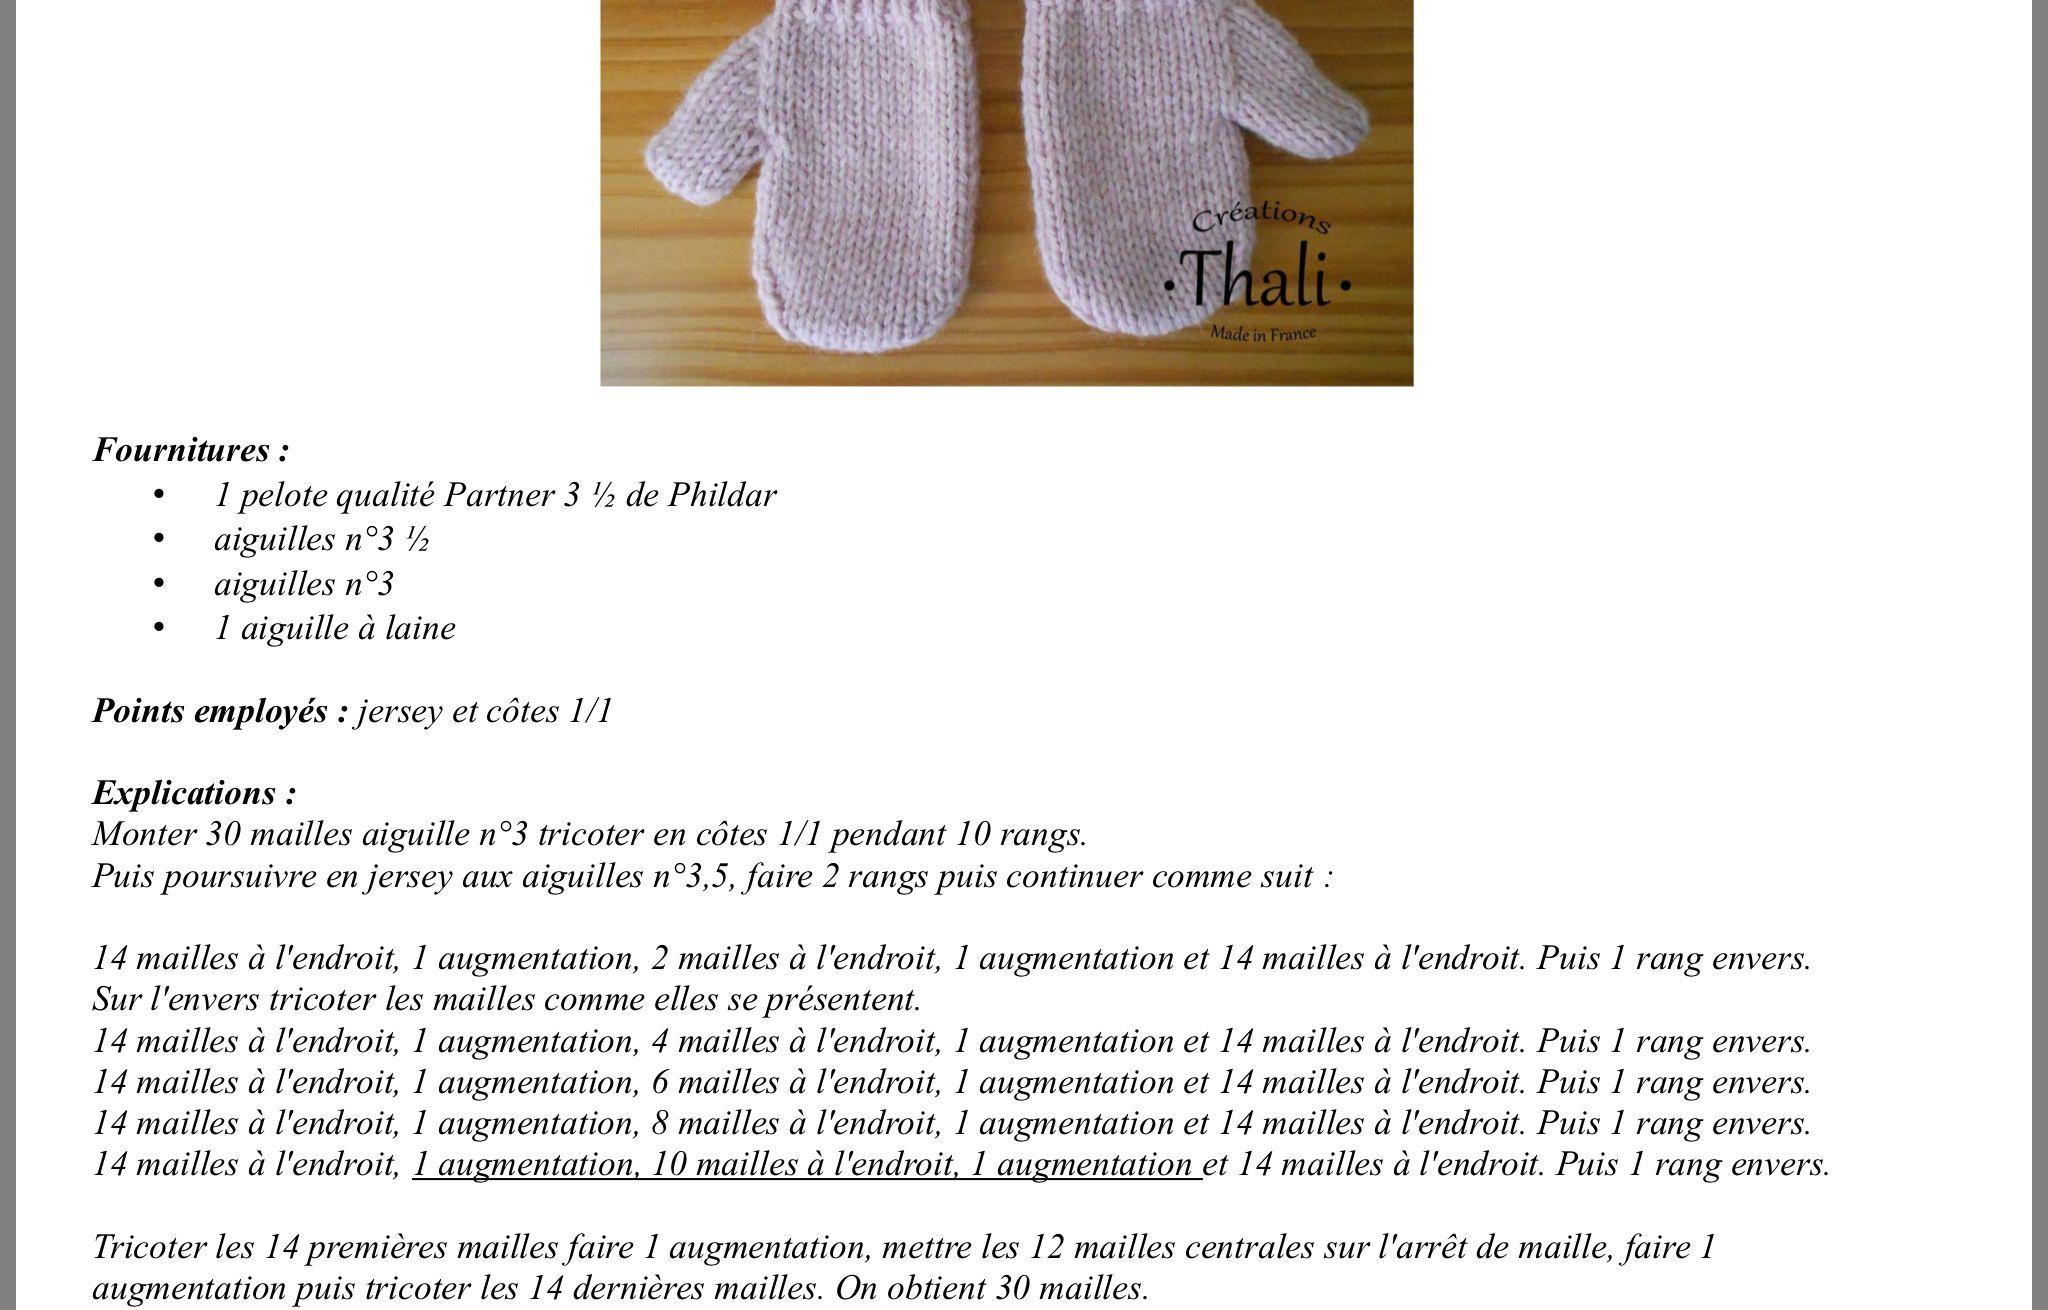 50-70% de réduction magasiner pour le meilleur regard détaillé Épinglé par Mariejeanne Muller sur Moufles | Rugs, Bath et ...